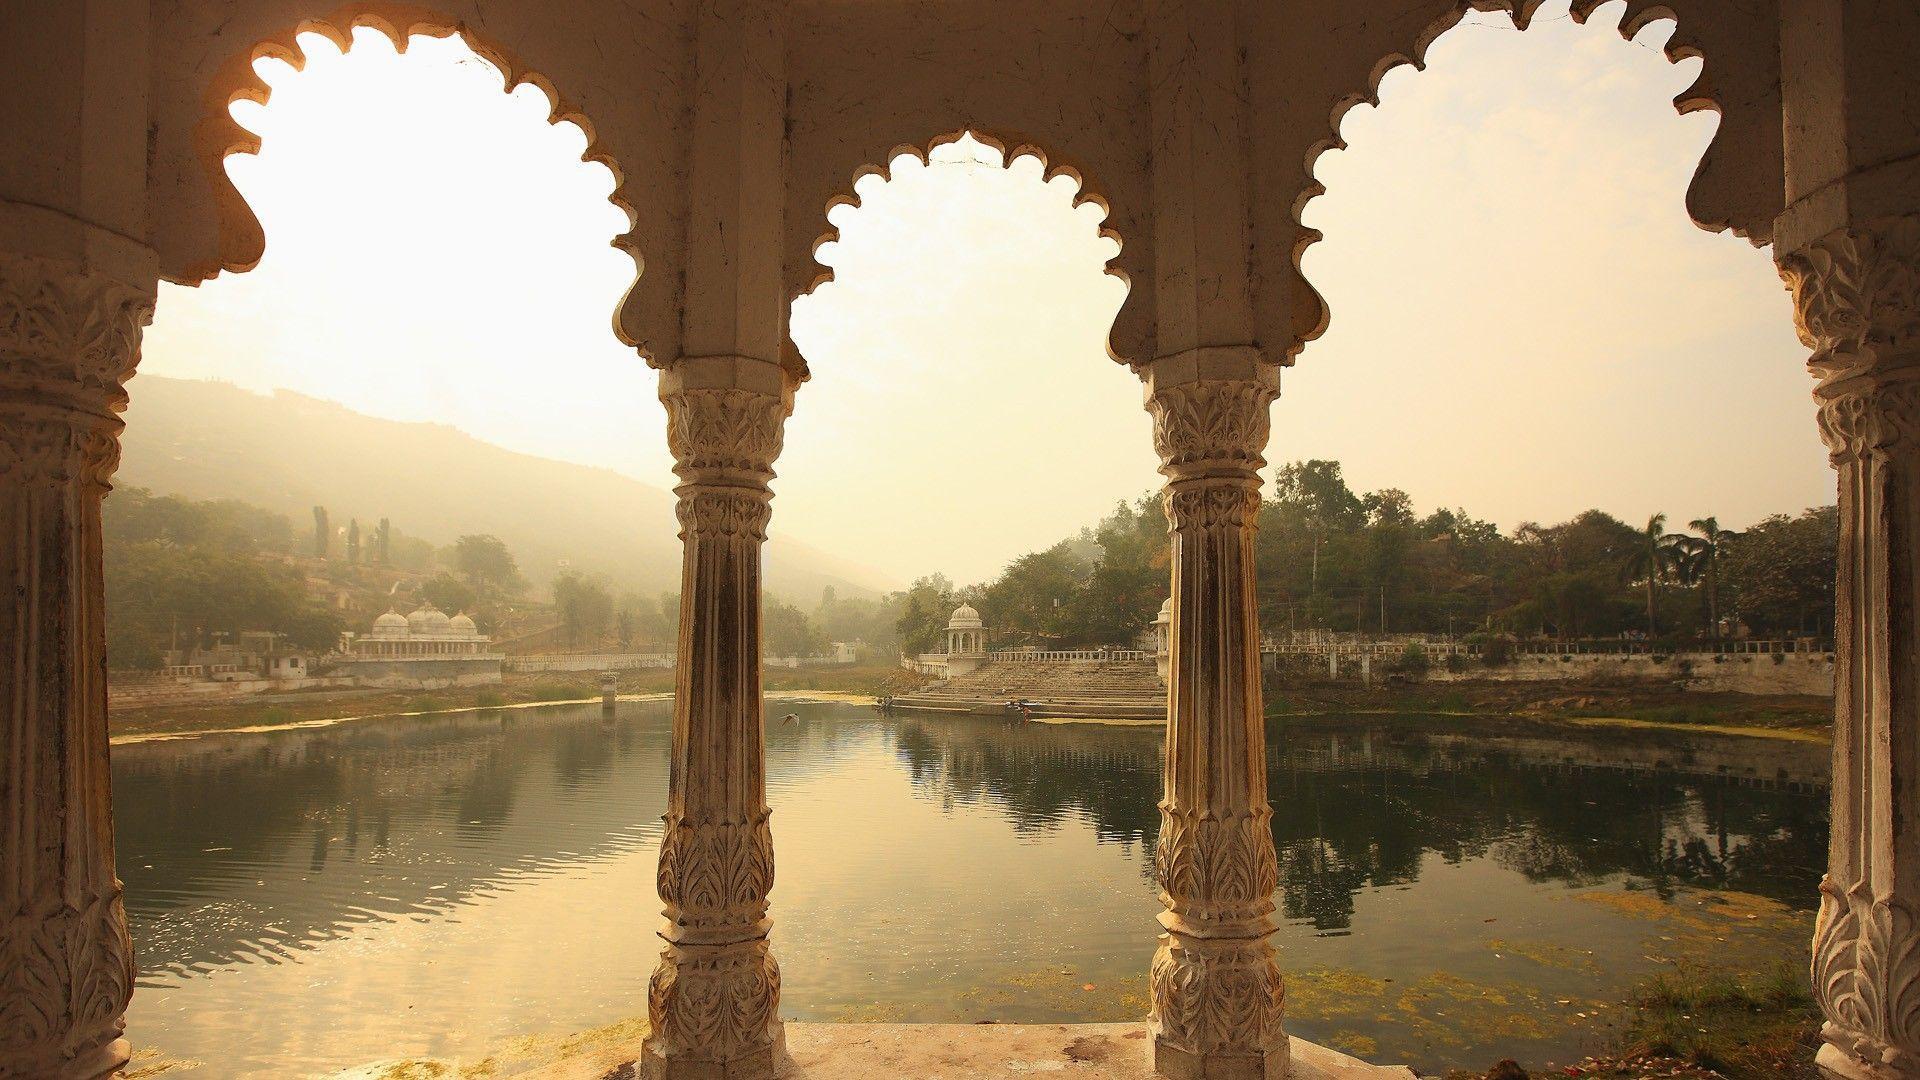 Hình nền và hình ảnh phong cảnh Ấn Độ 1920x1080 - hình nền, hình ảnh, ảnh